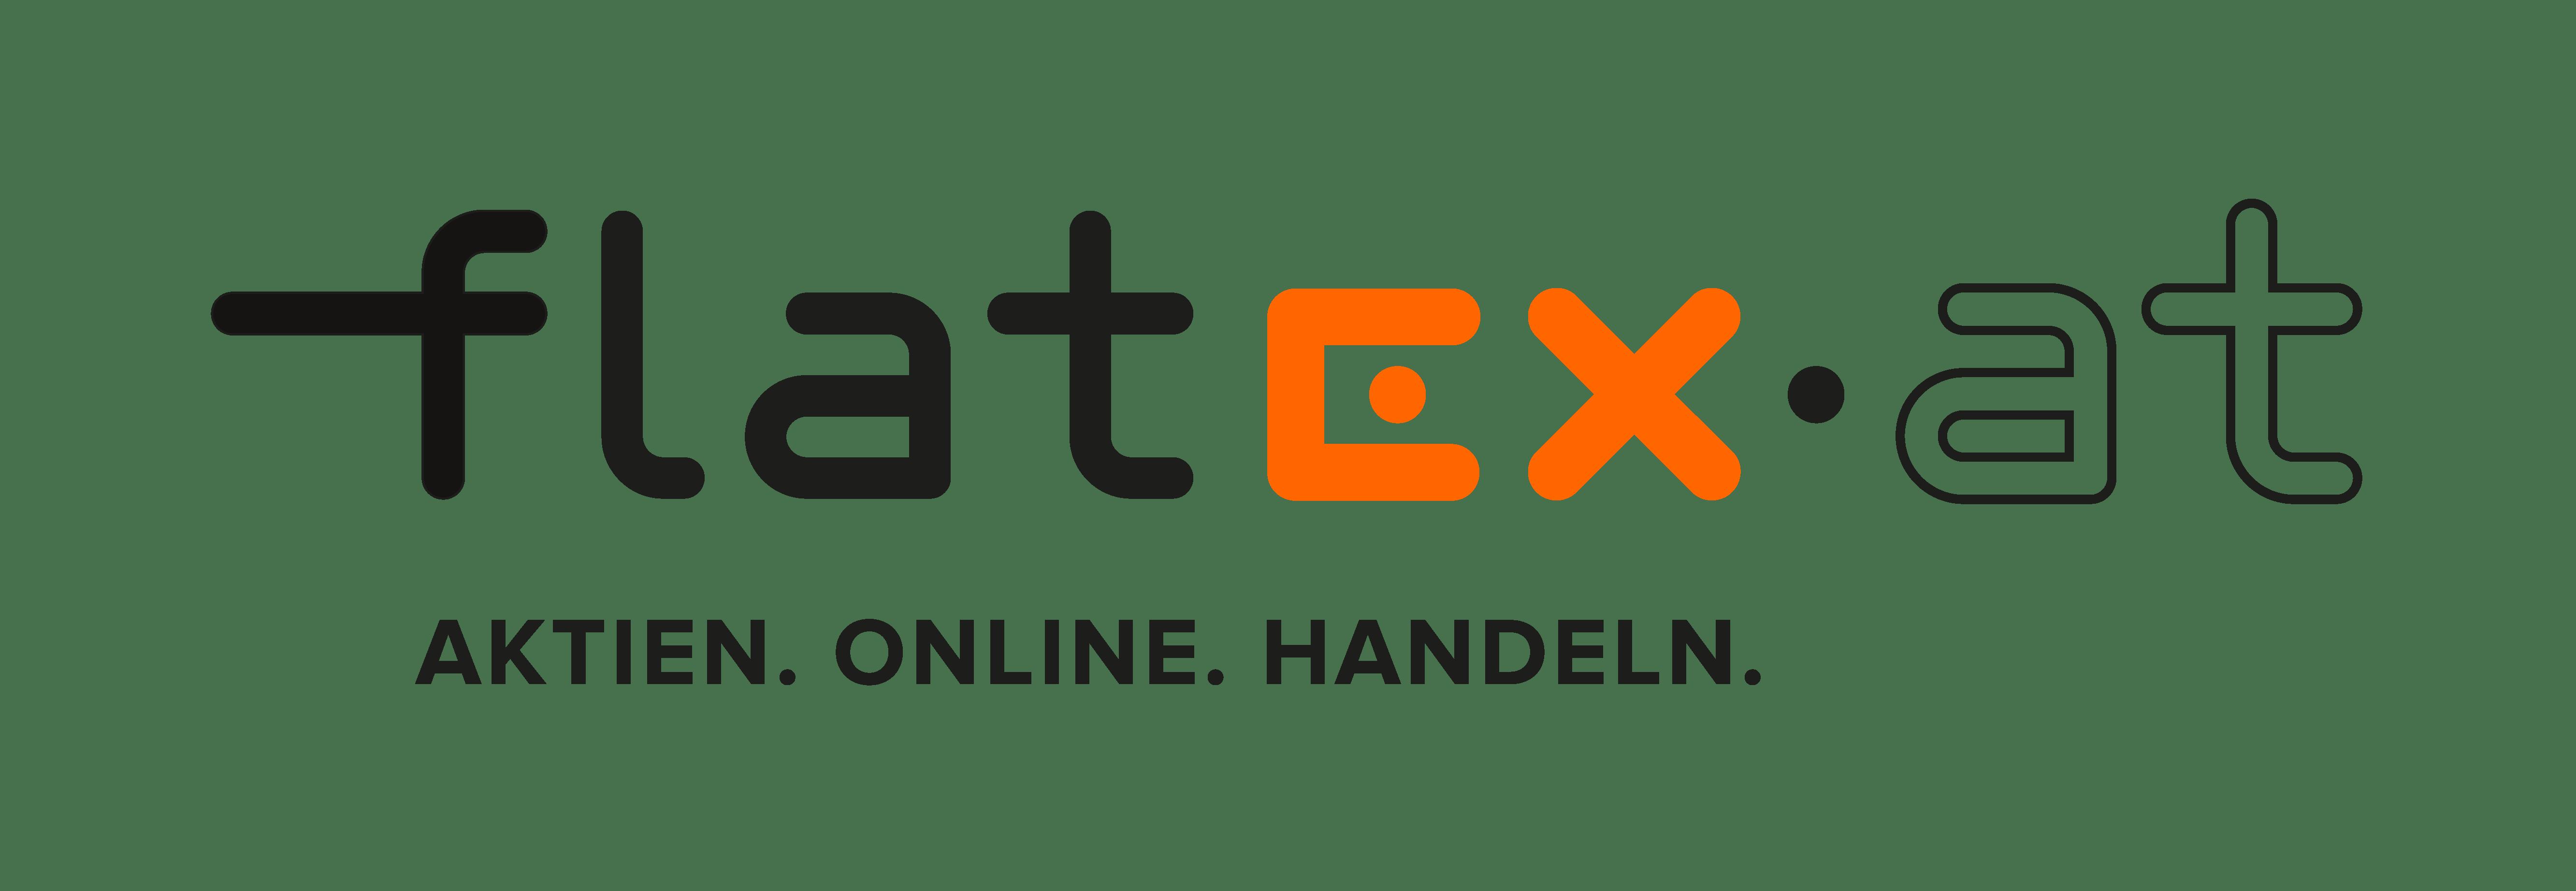 flatex